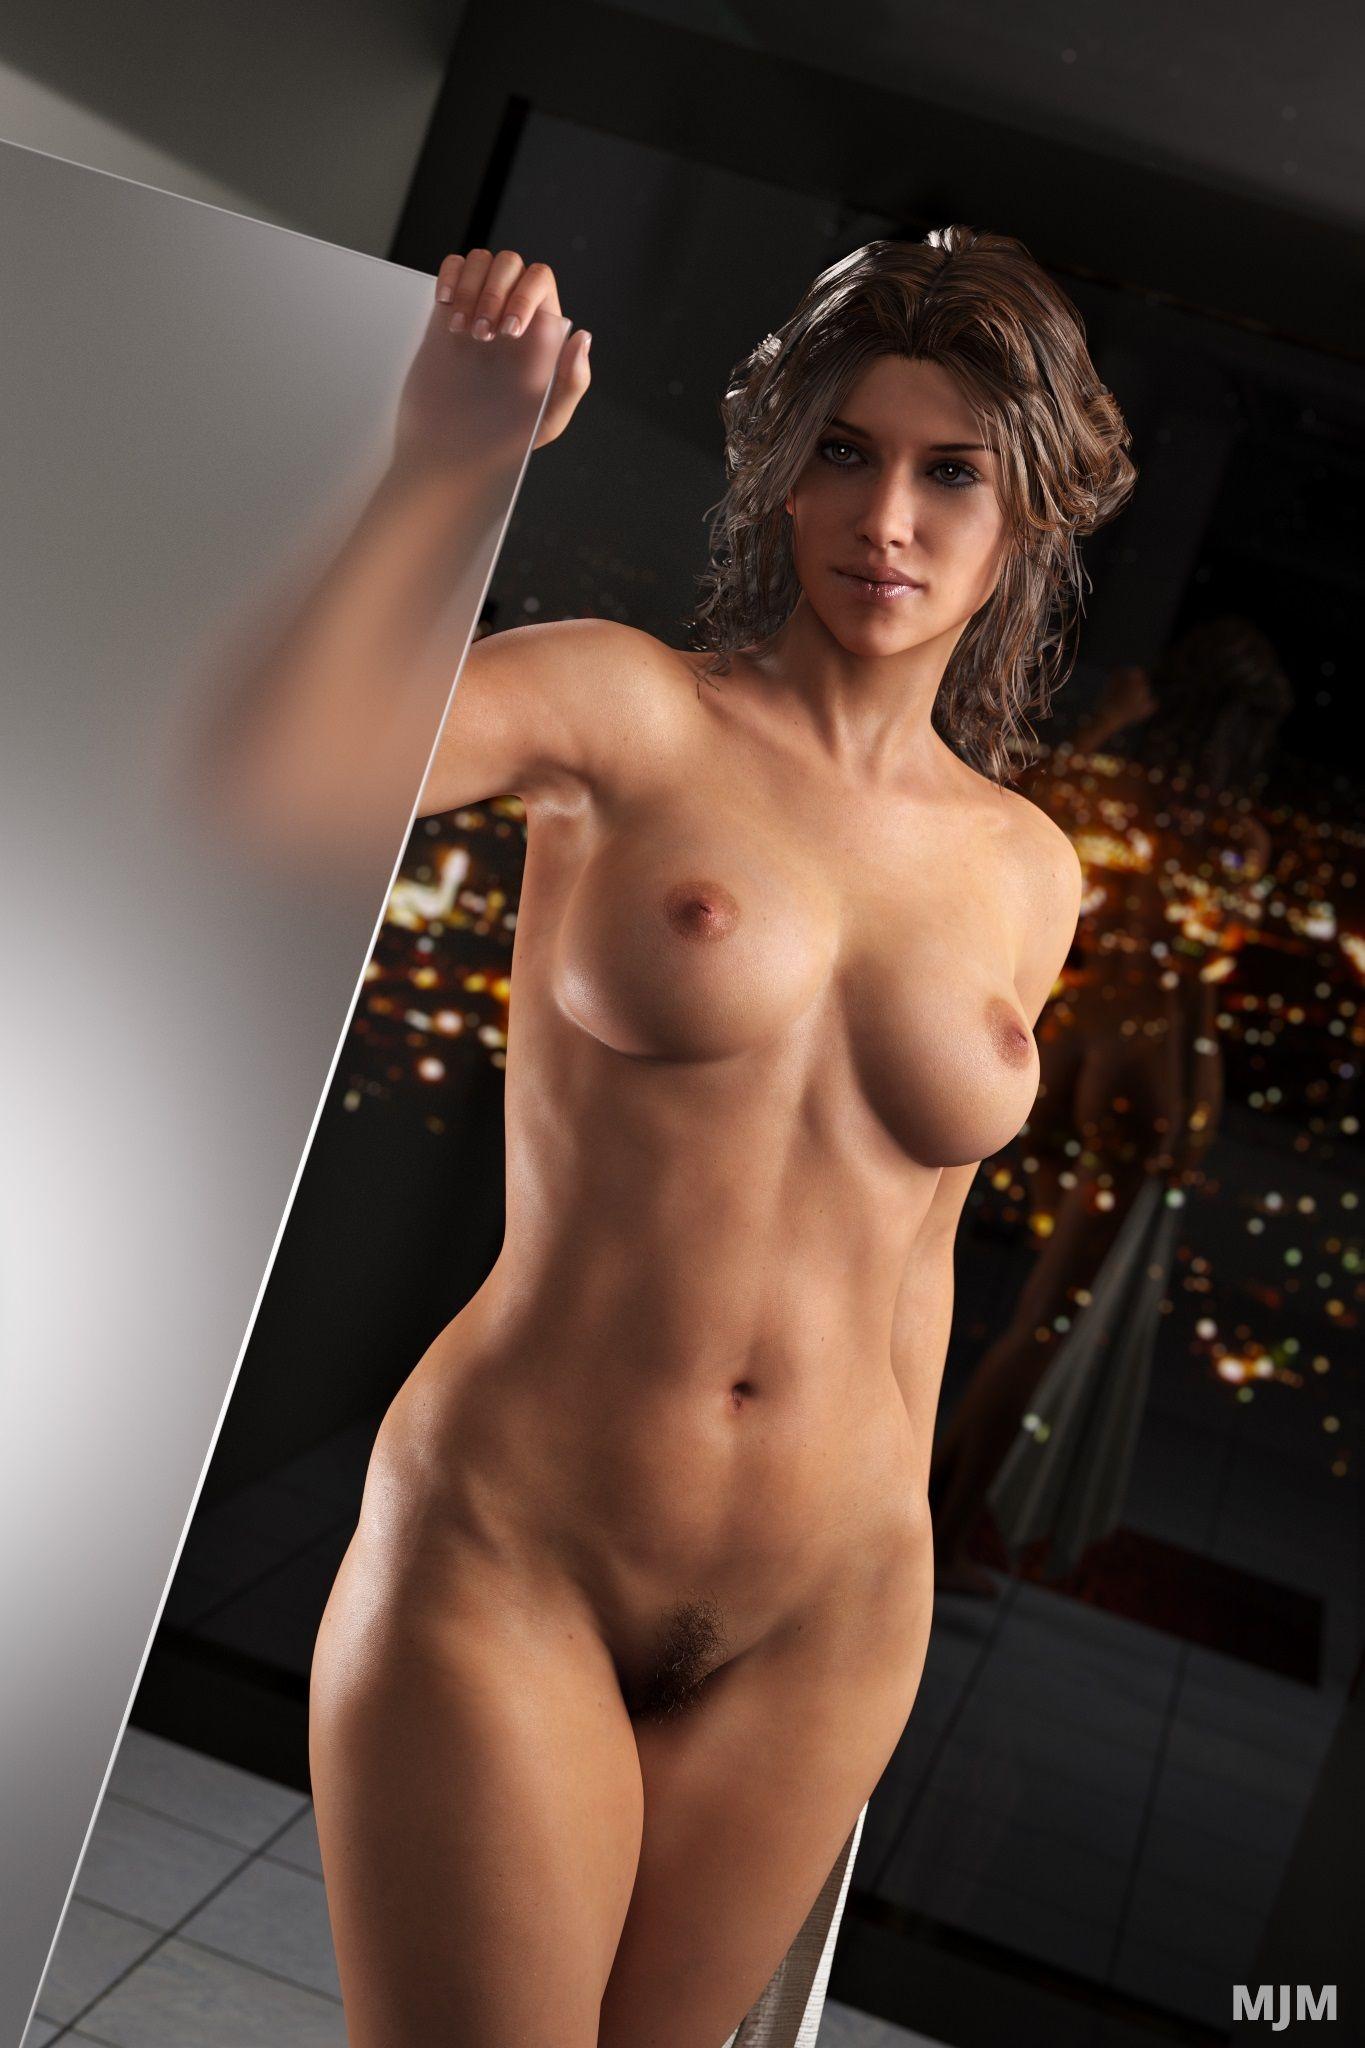 что самые отвязные порно фото великолепная идея